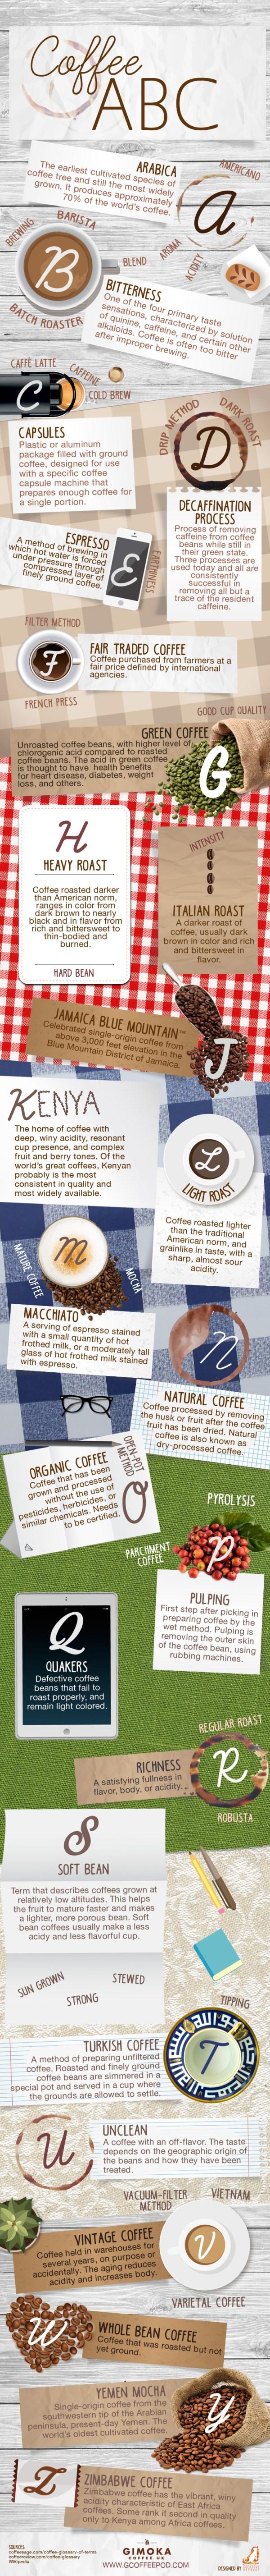 Coffee ABC's